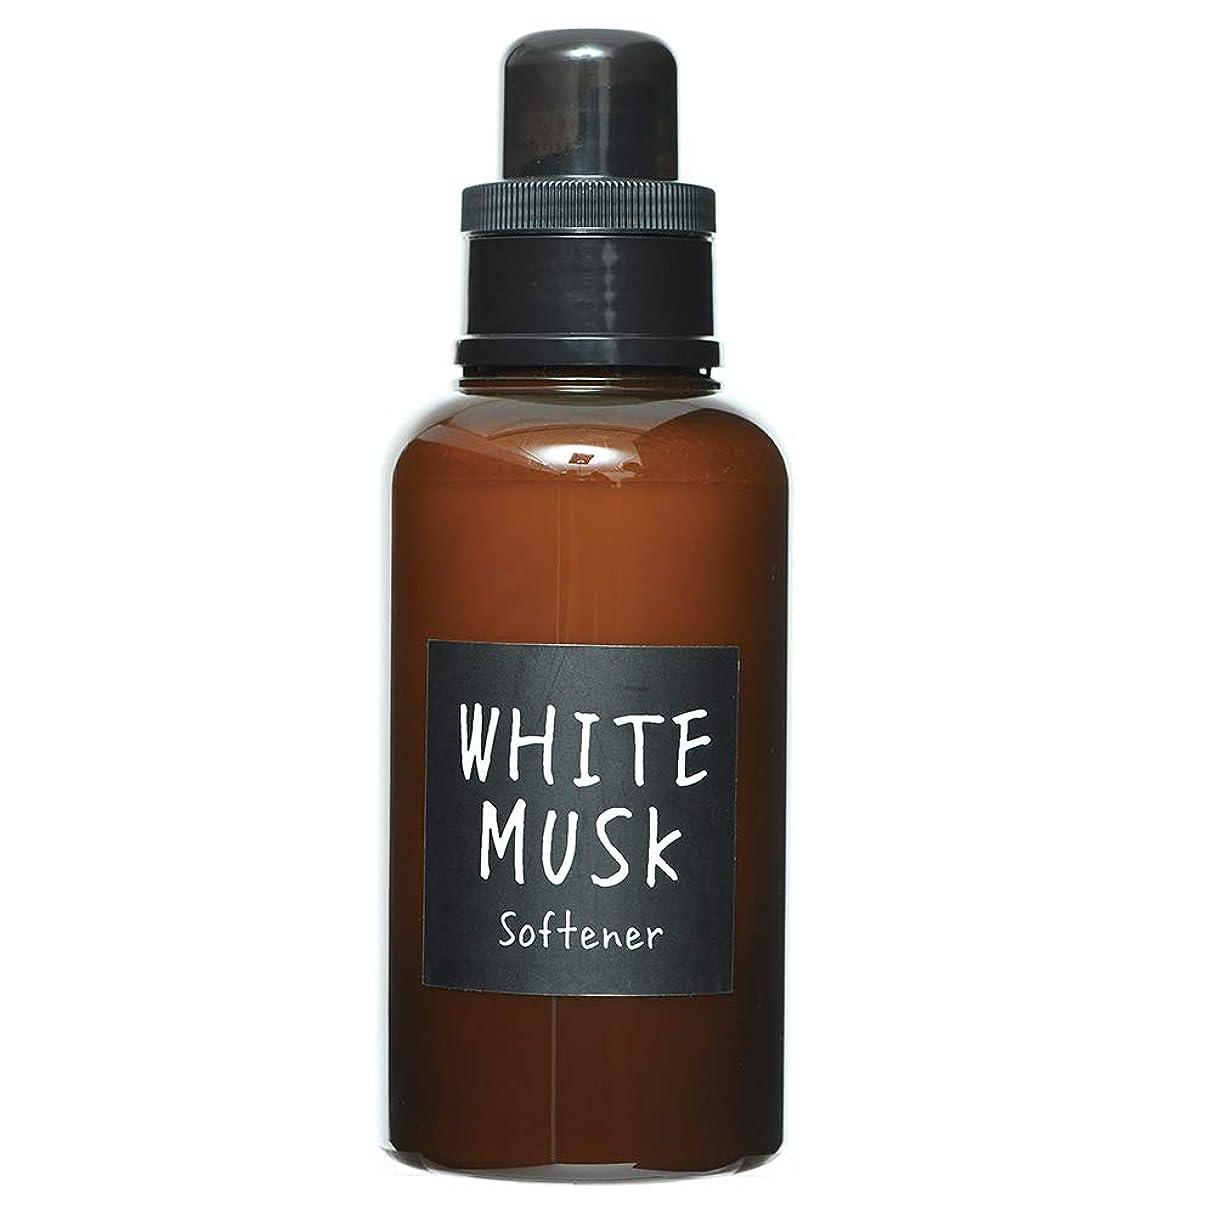 革新味明るくするジョンズブレンド 柔軟剤 ソフナー 510ml ホワイトムスクの香り OA-JON-15-1